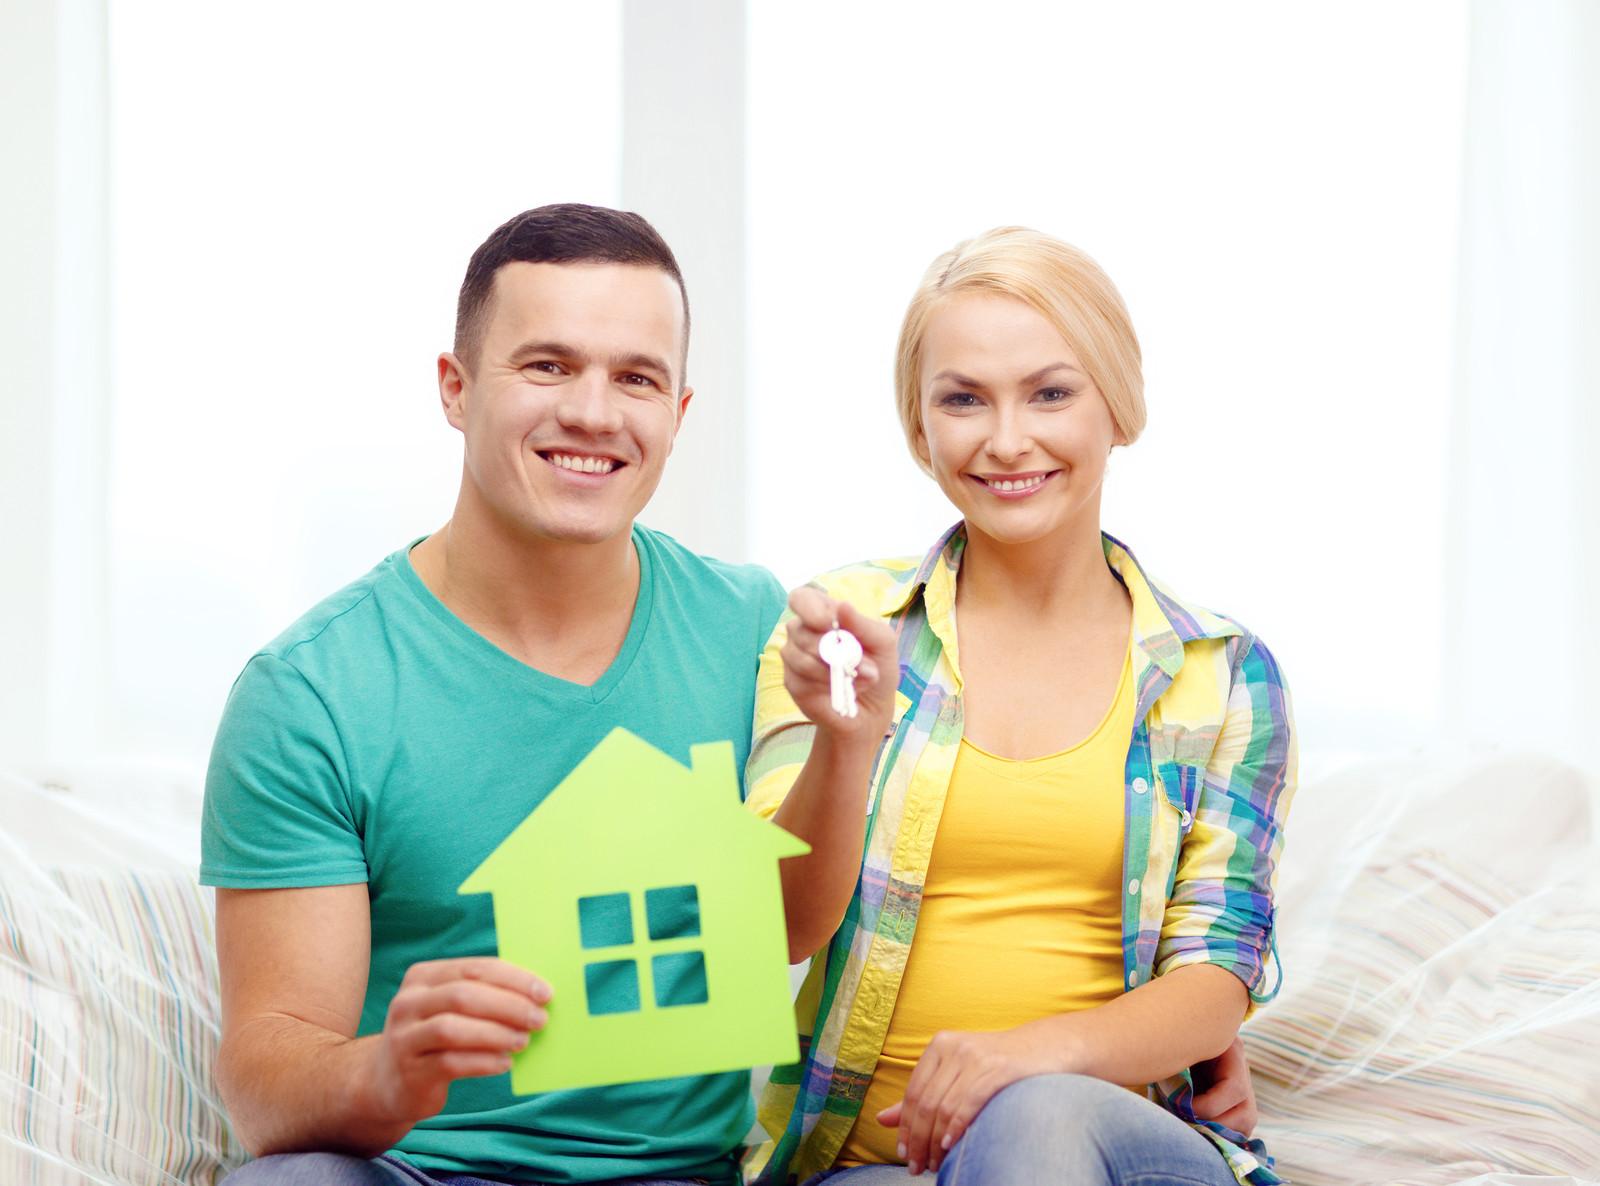 Paar nach einem Haus kaufen mit Schlüssel in der Hand